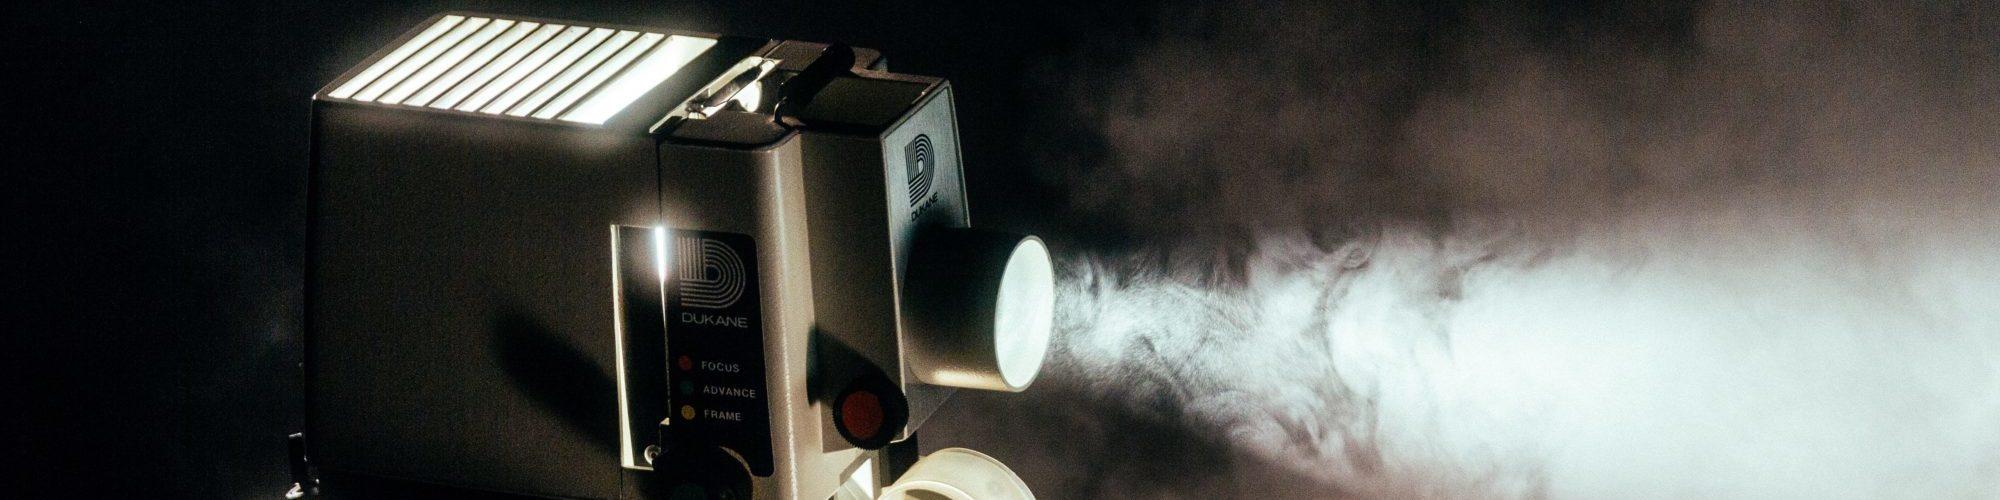 projection dans une salle de cinema au chateau troissy internat college lycee cinema 7e art film